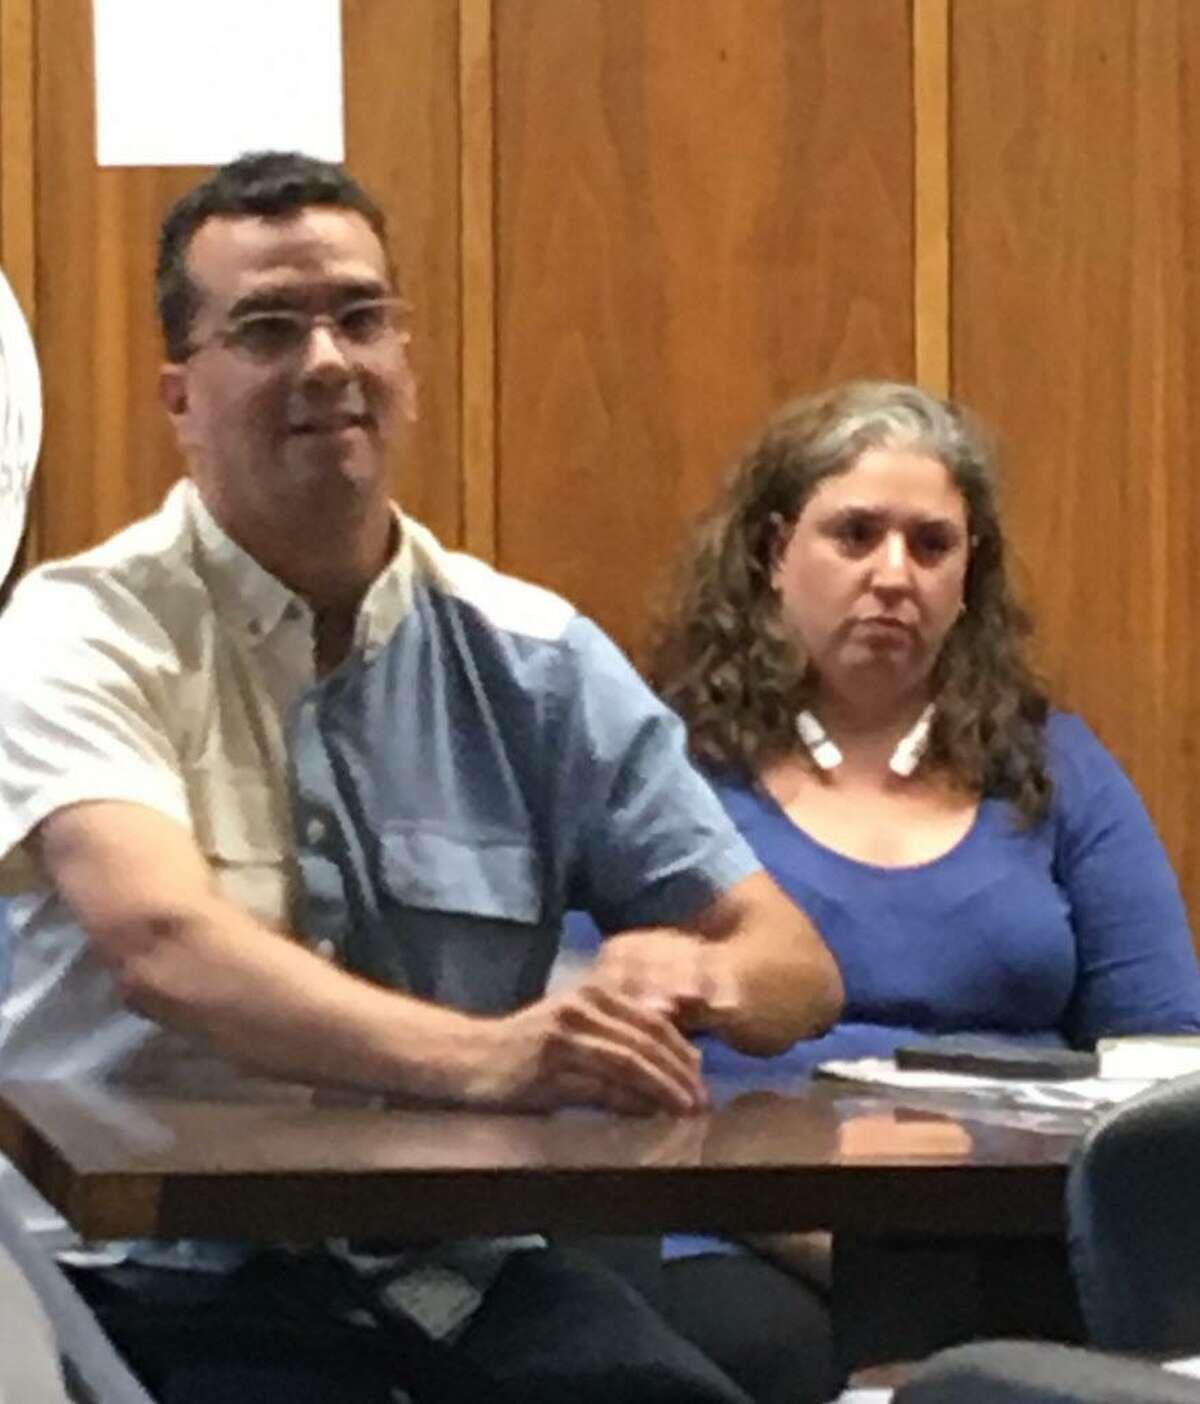 Parents address Bridgeport Students & Families Committee, Sept. 13, 2017